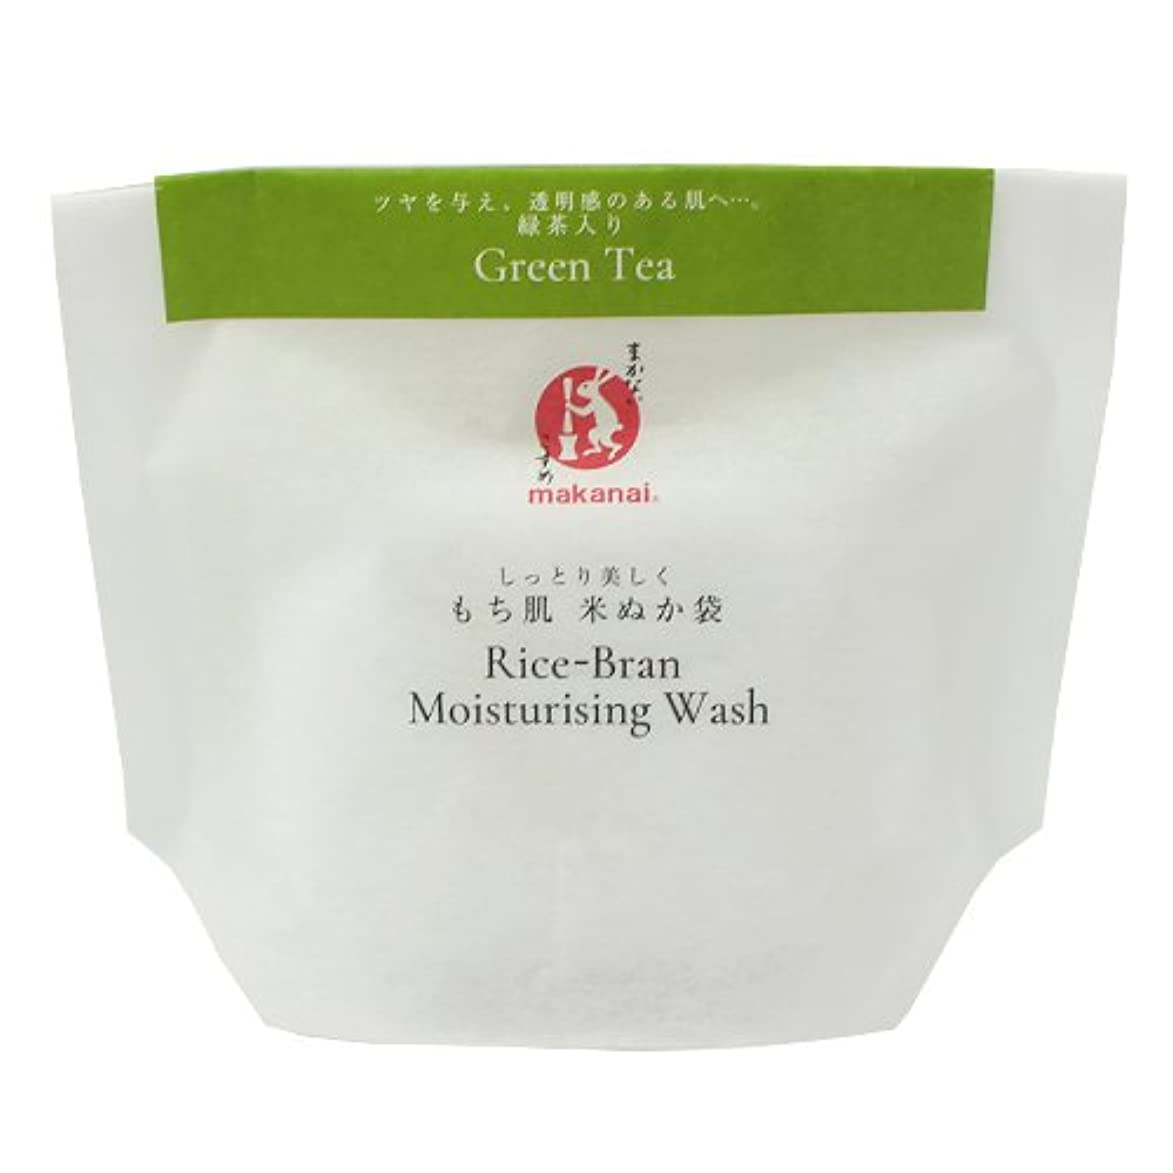 厄介な受粉者哲学的まかないこすめ もち肌米ぬか袋(緑茶)27g